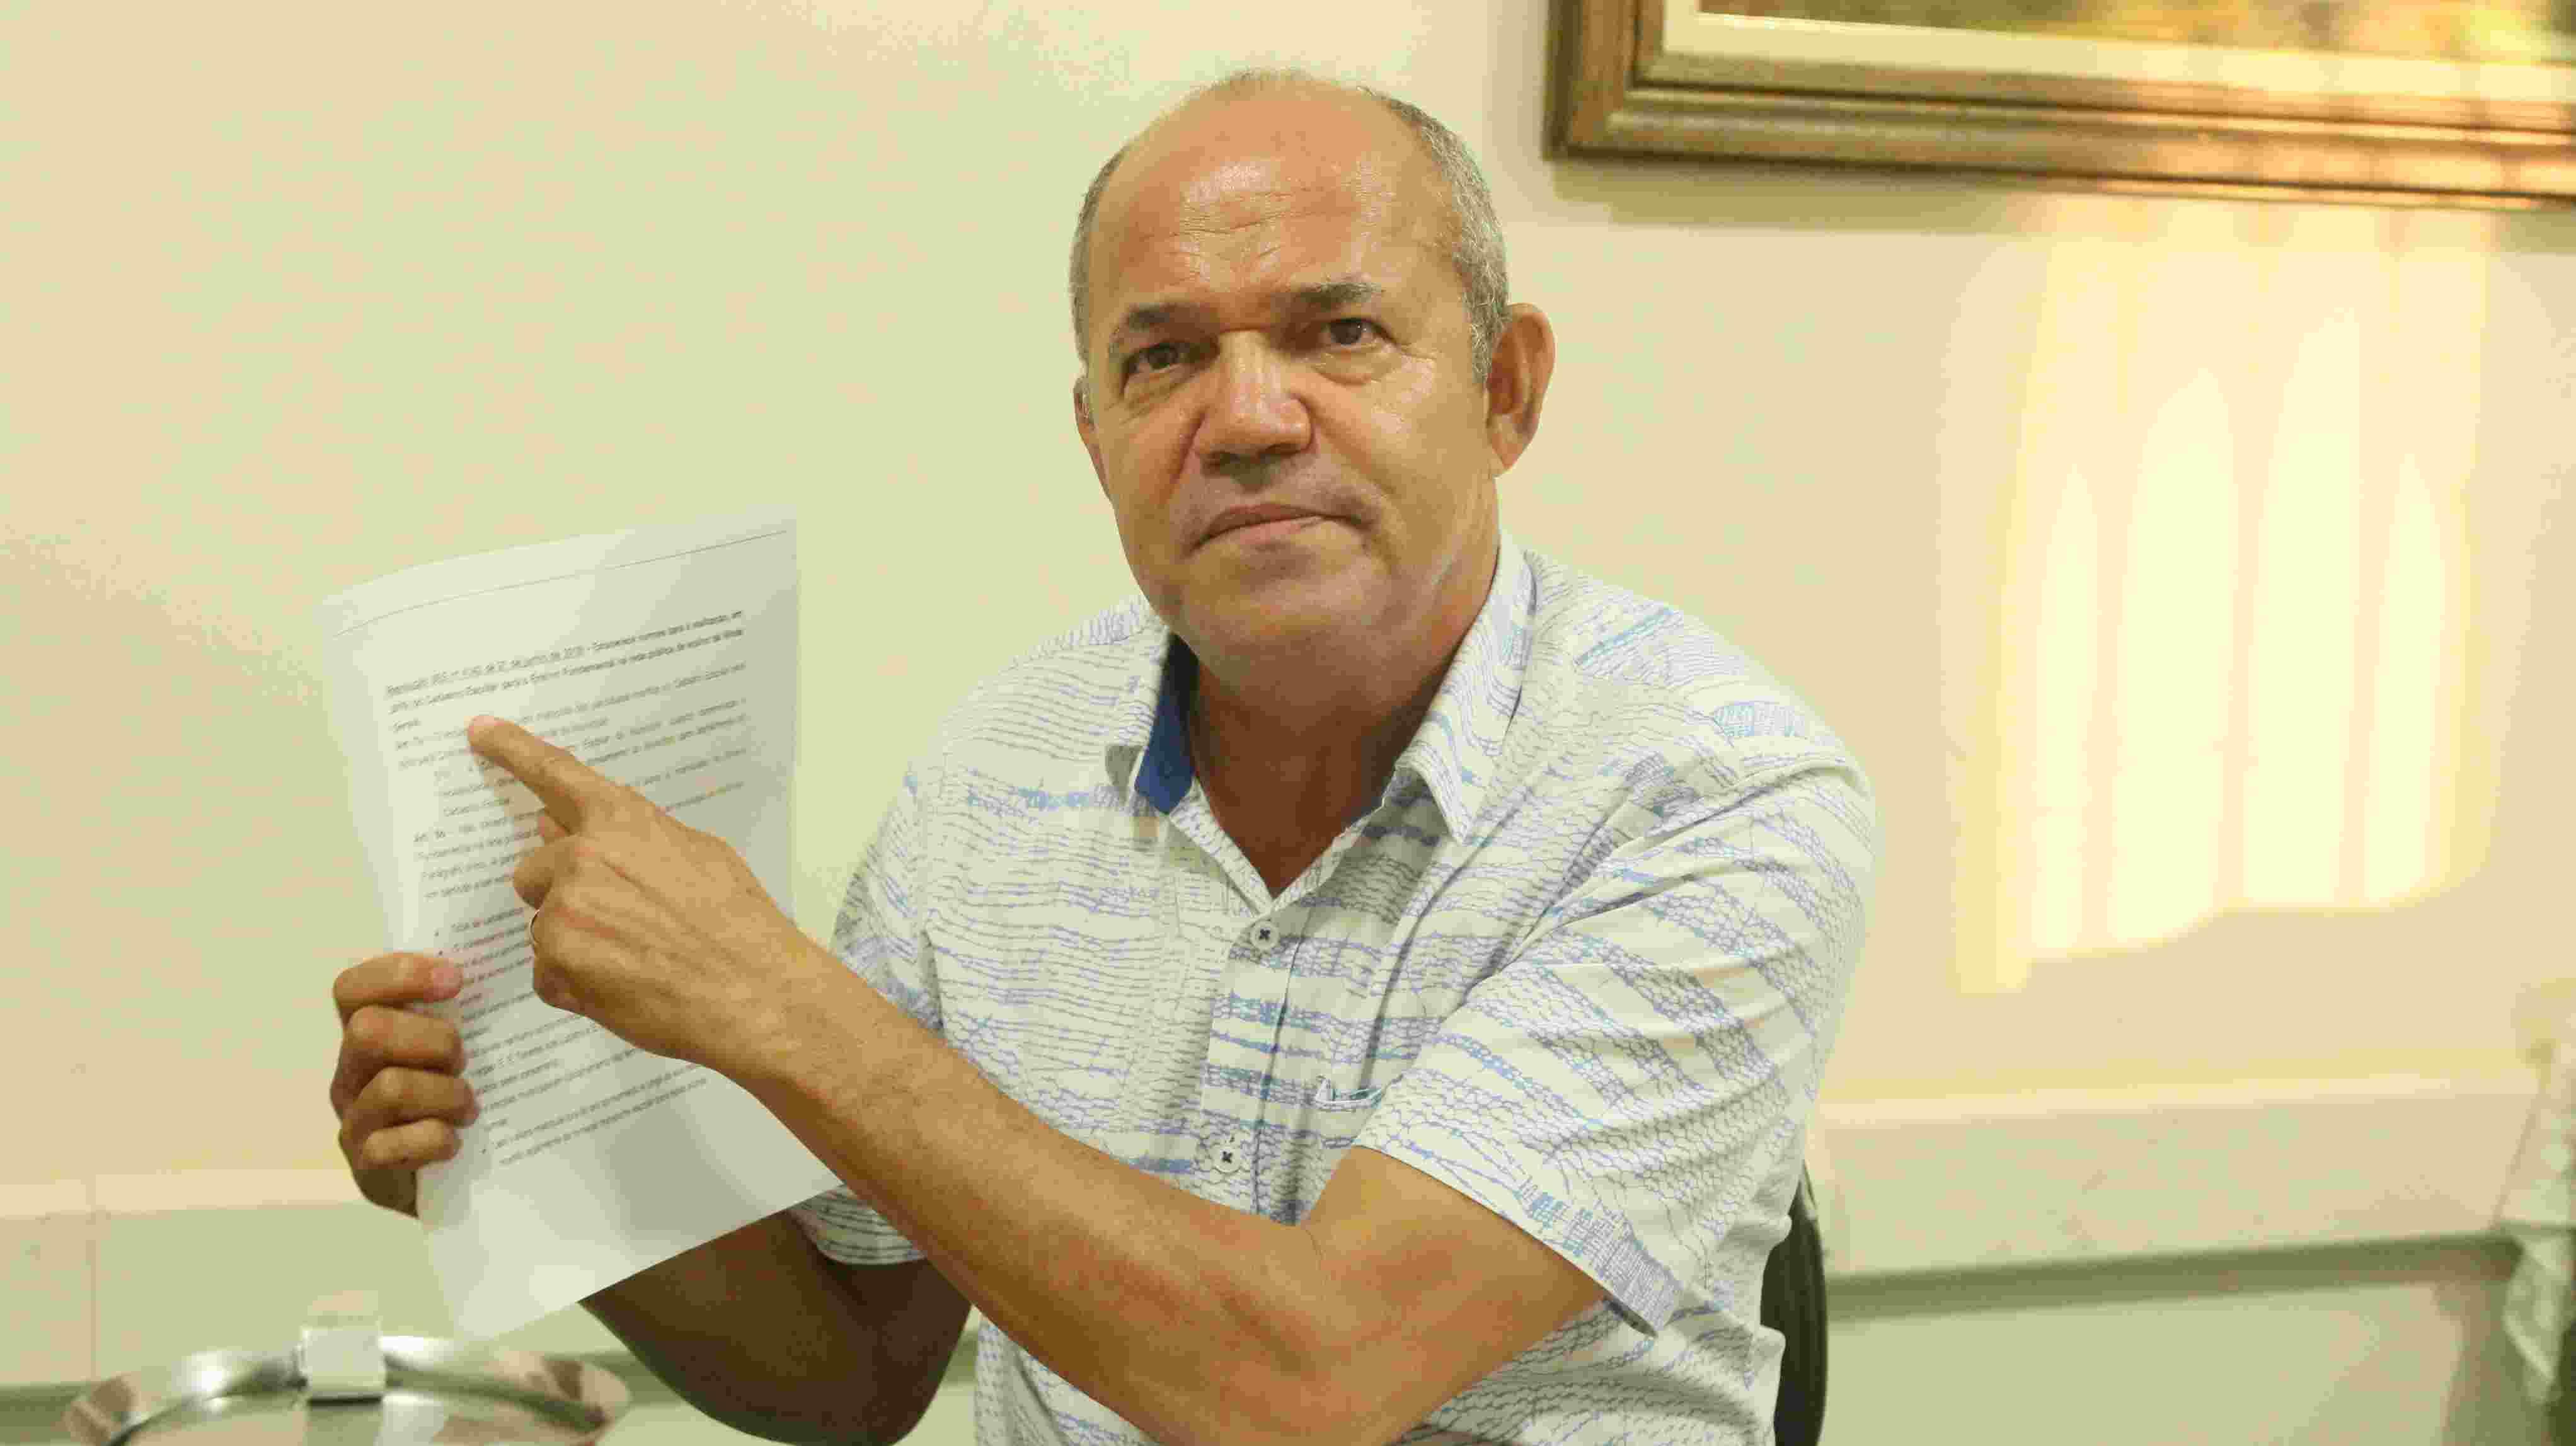 Timóteo classifica eventual transferência de escolas estaduais como 'uma bomba'